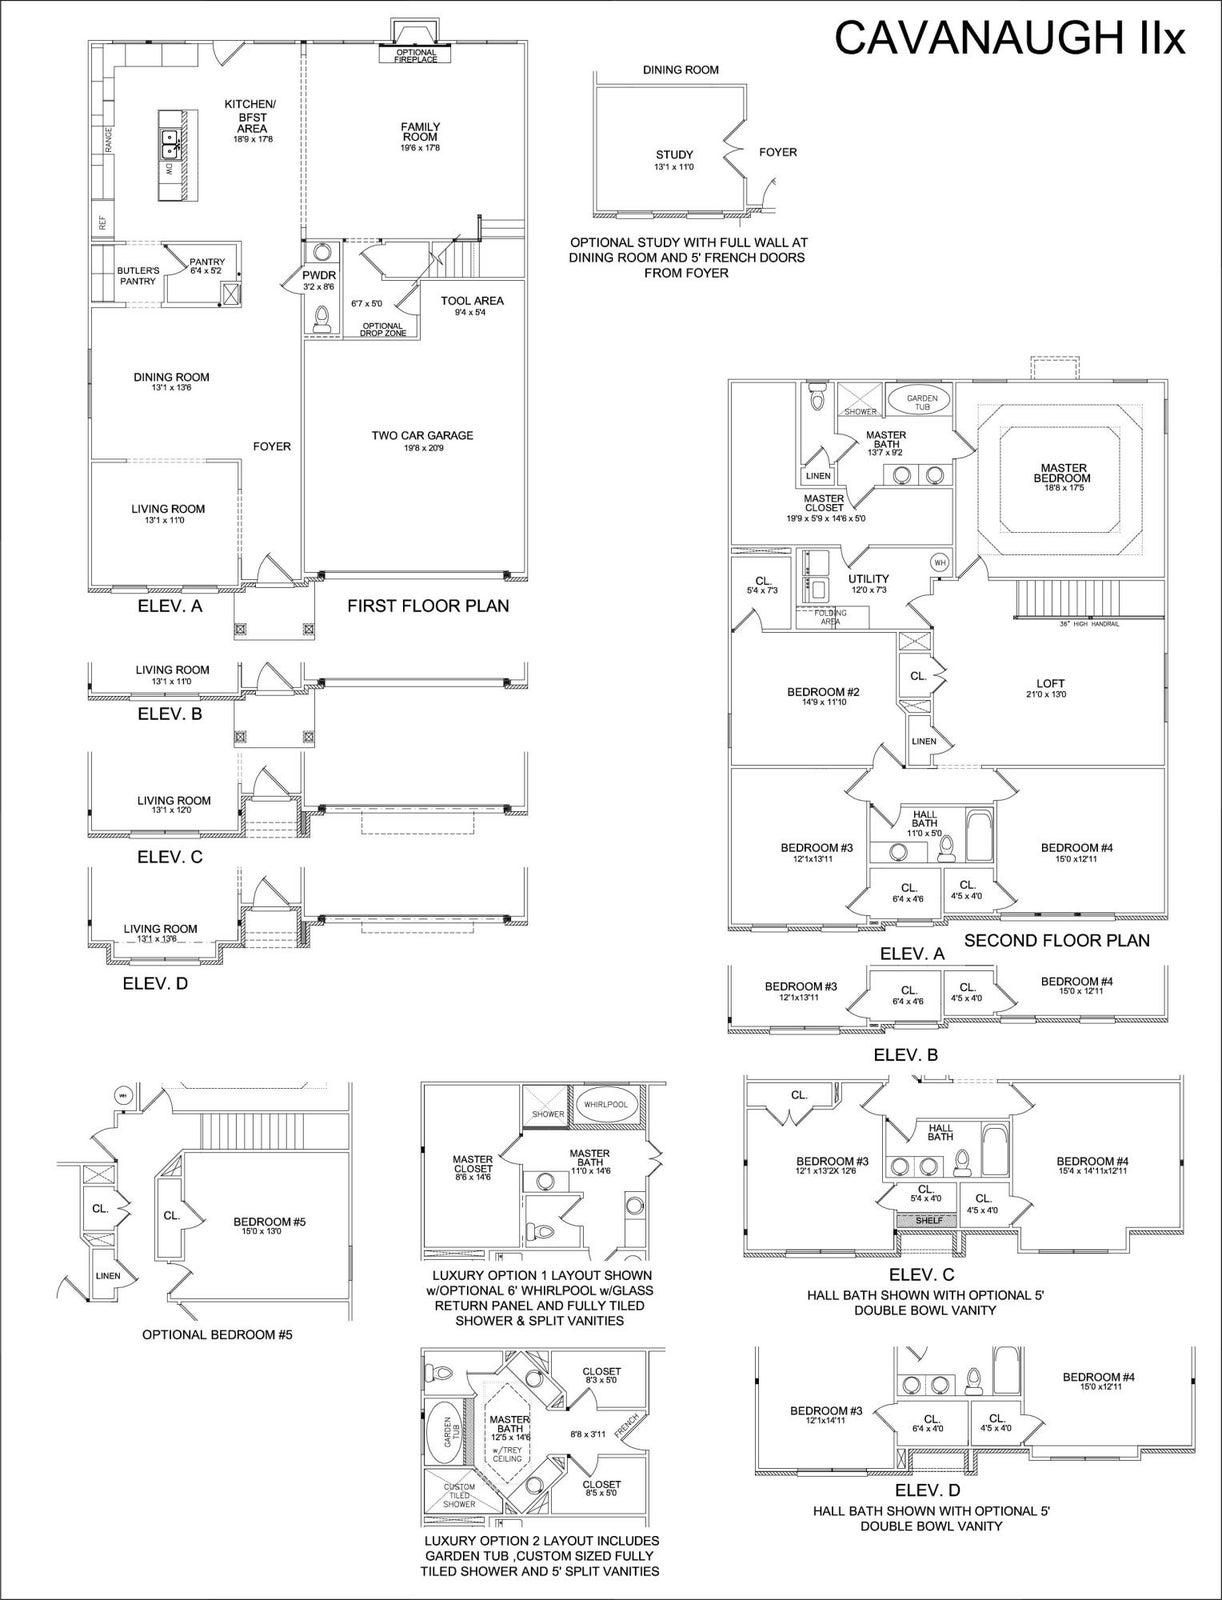 Cavanaugh IIX Revised Floorplan 6.01.18